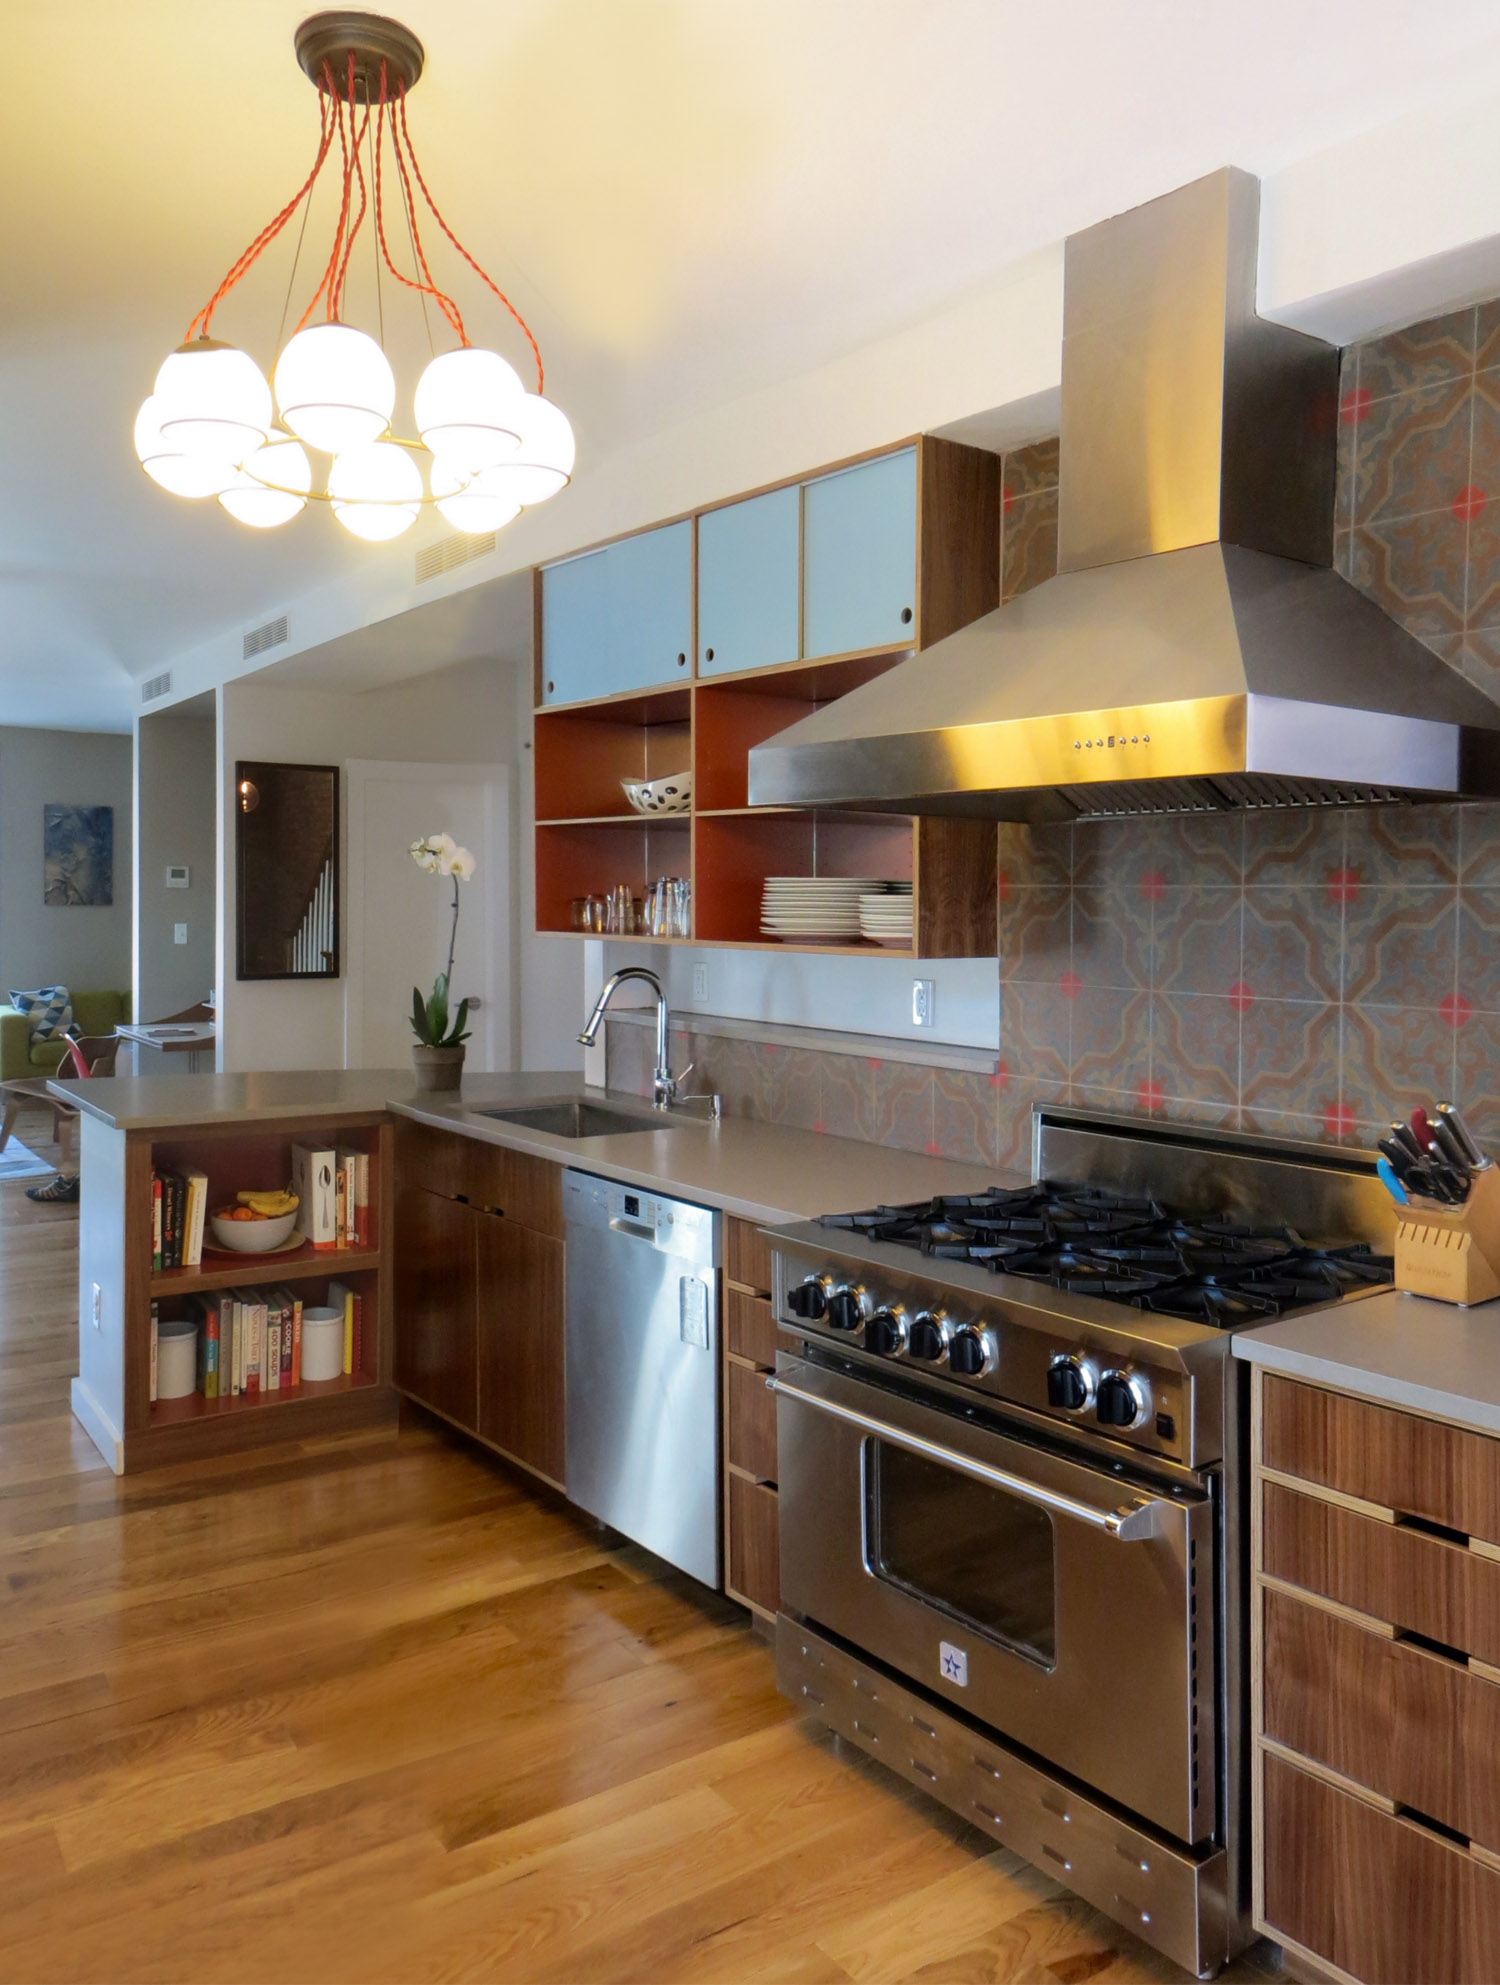 mr-kitchen-7-sml.jpg